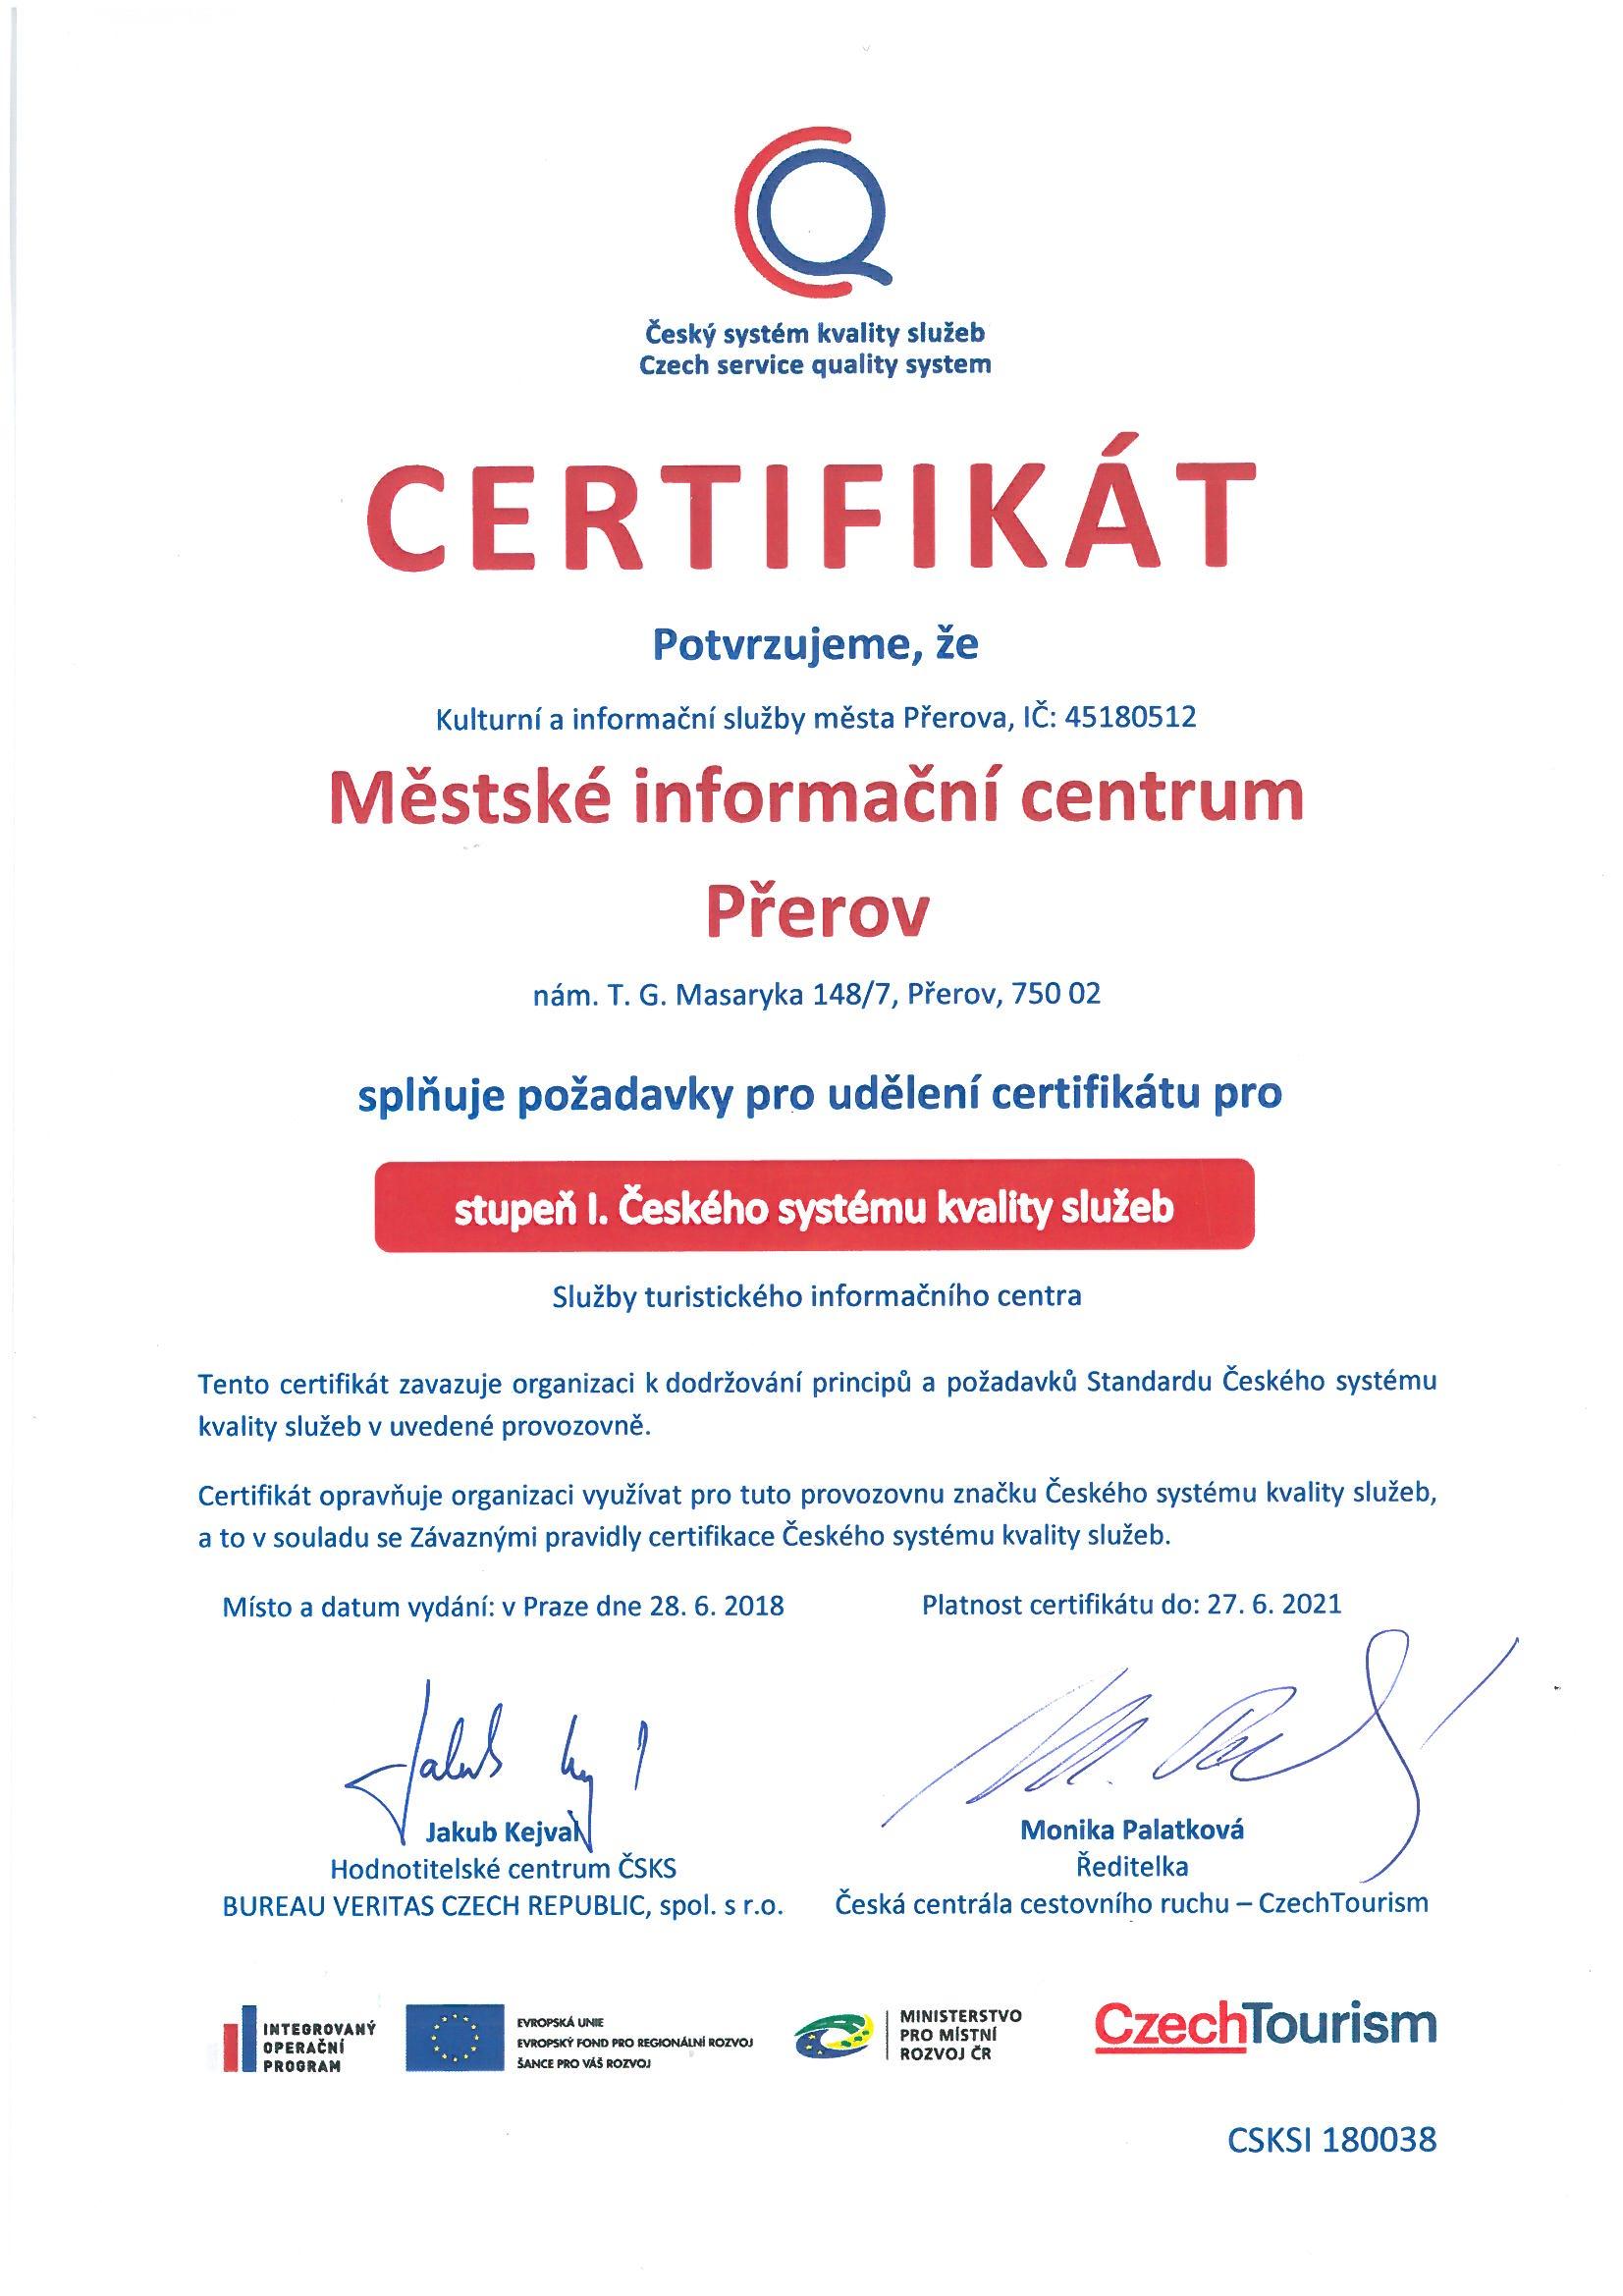 certifikát ČSKS, obrázek se otevře v novém okně